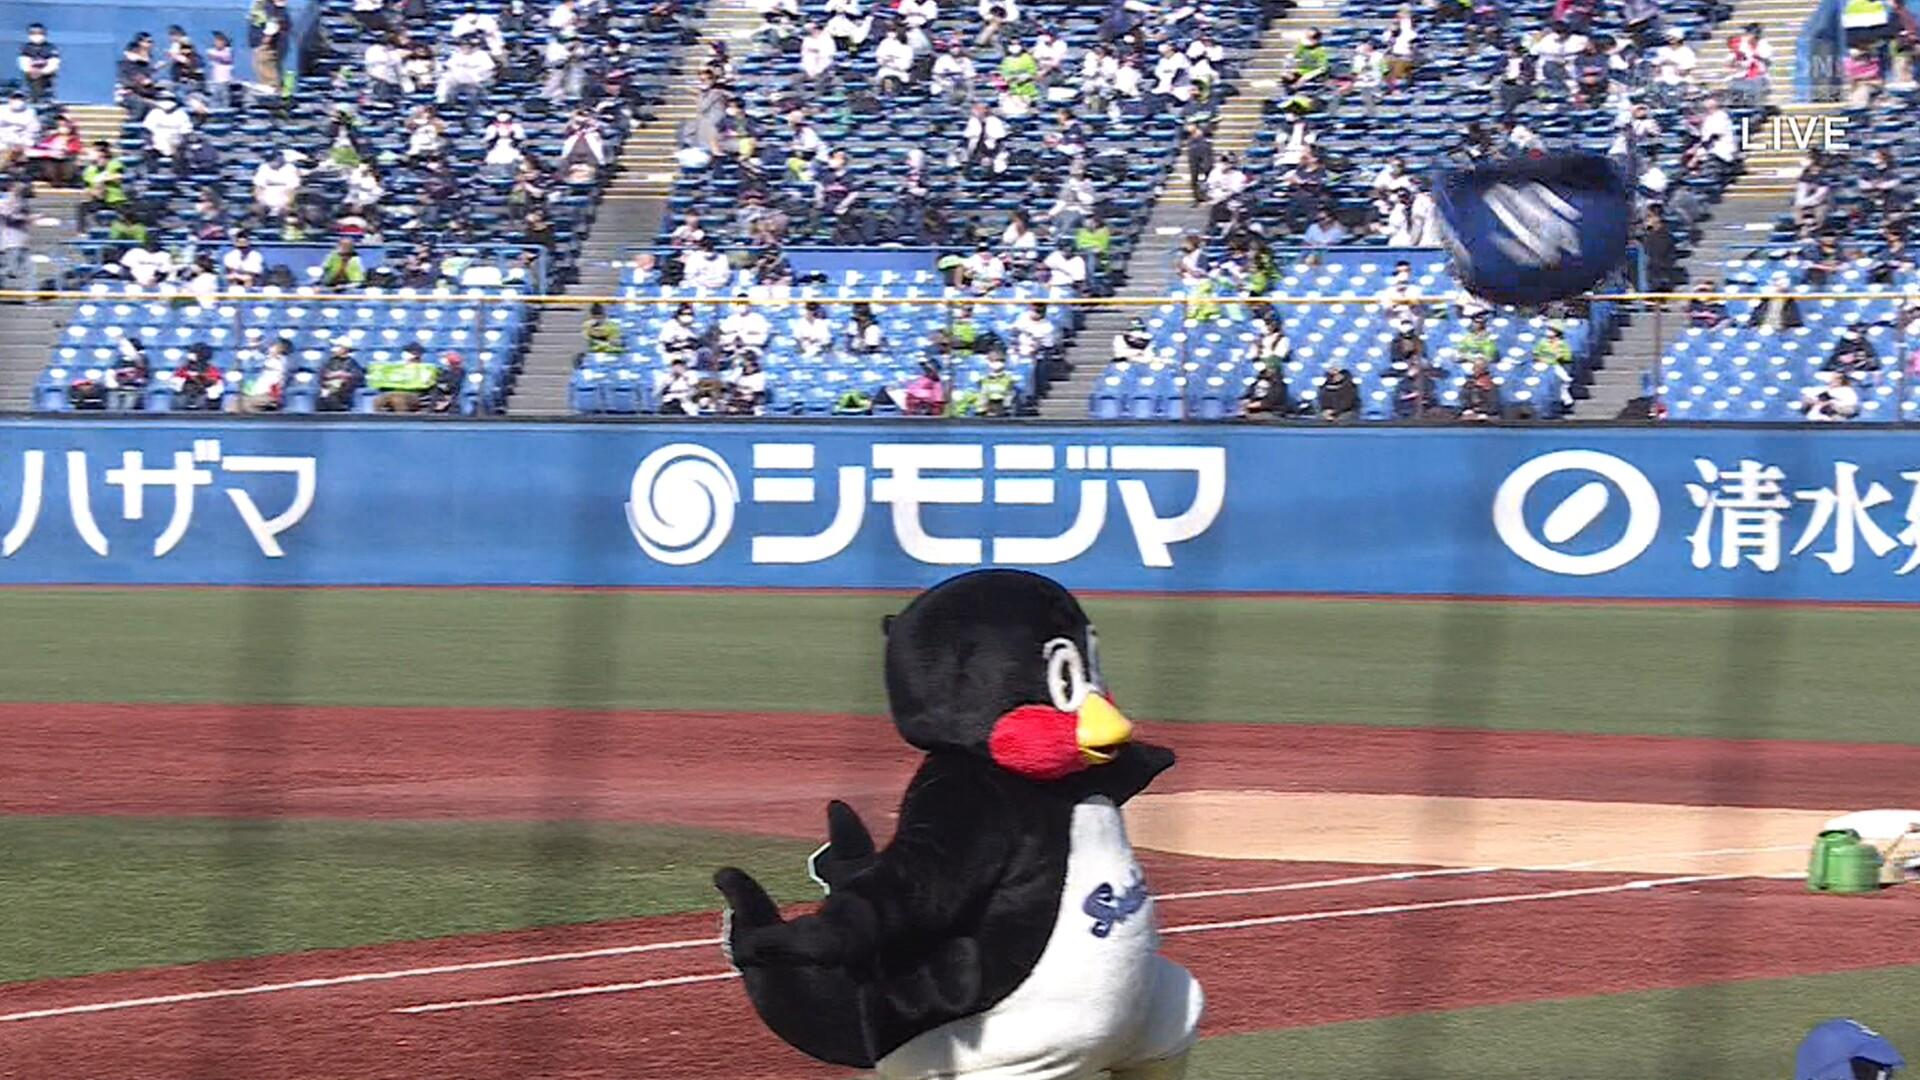 つば九郎の「くるりんぱチャレンジ」 強風に吹っ飛ばされて失敗